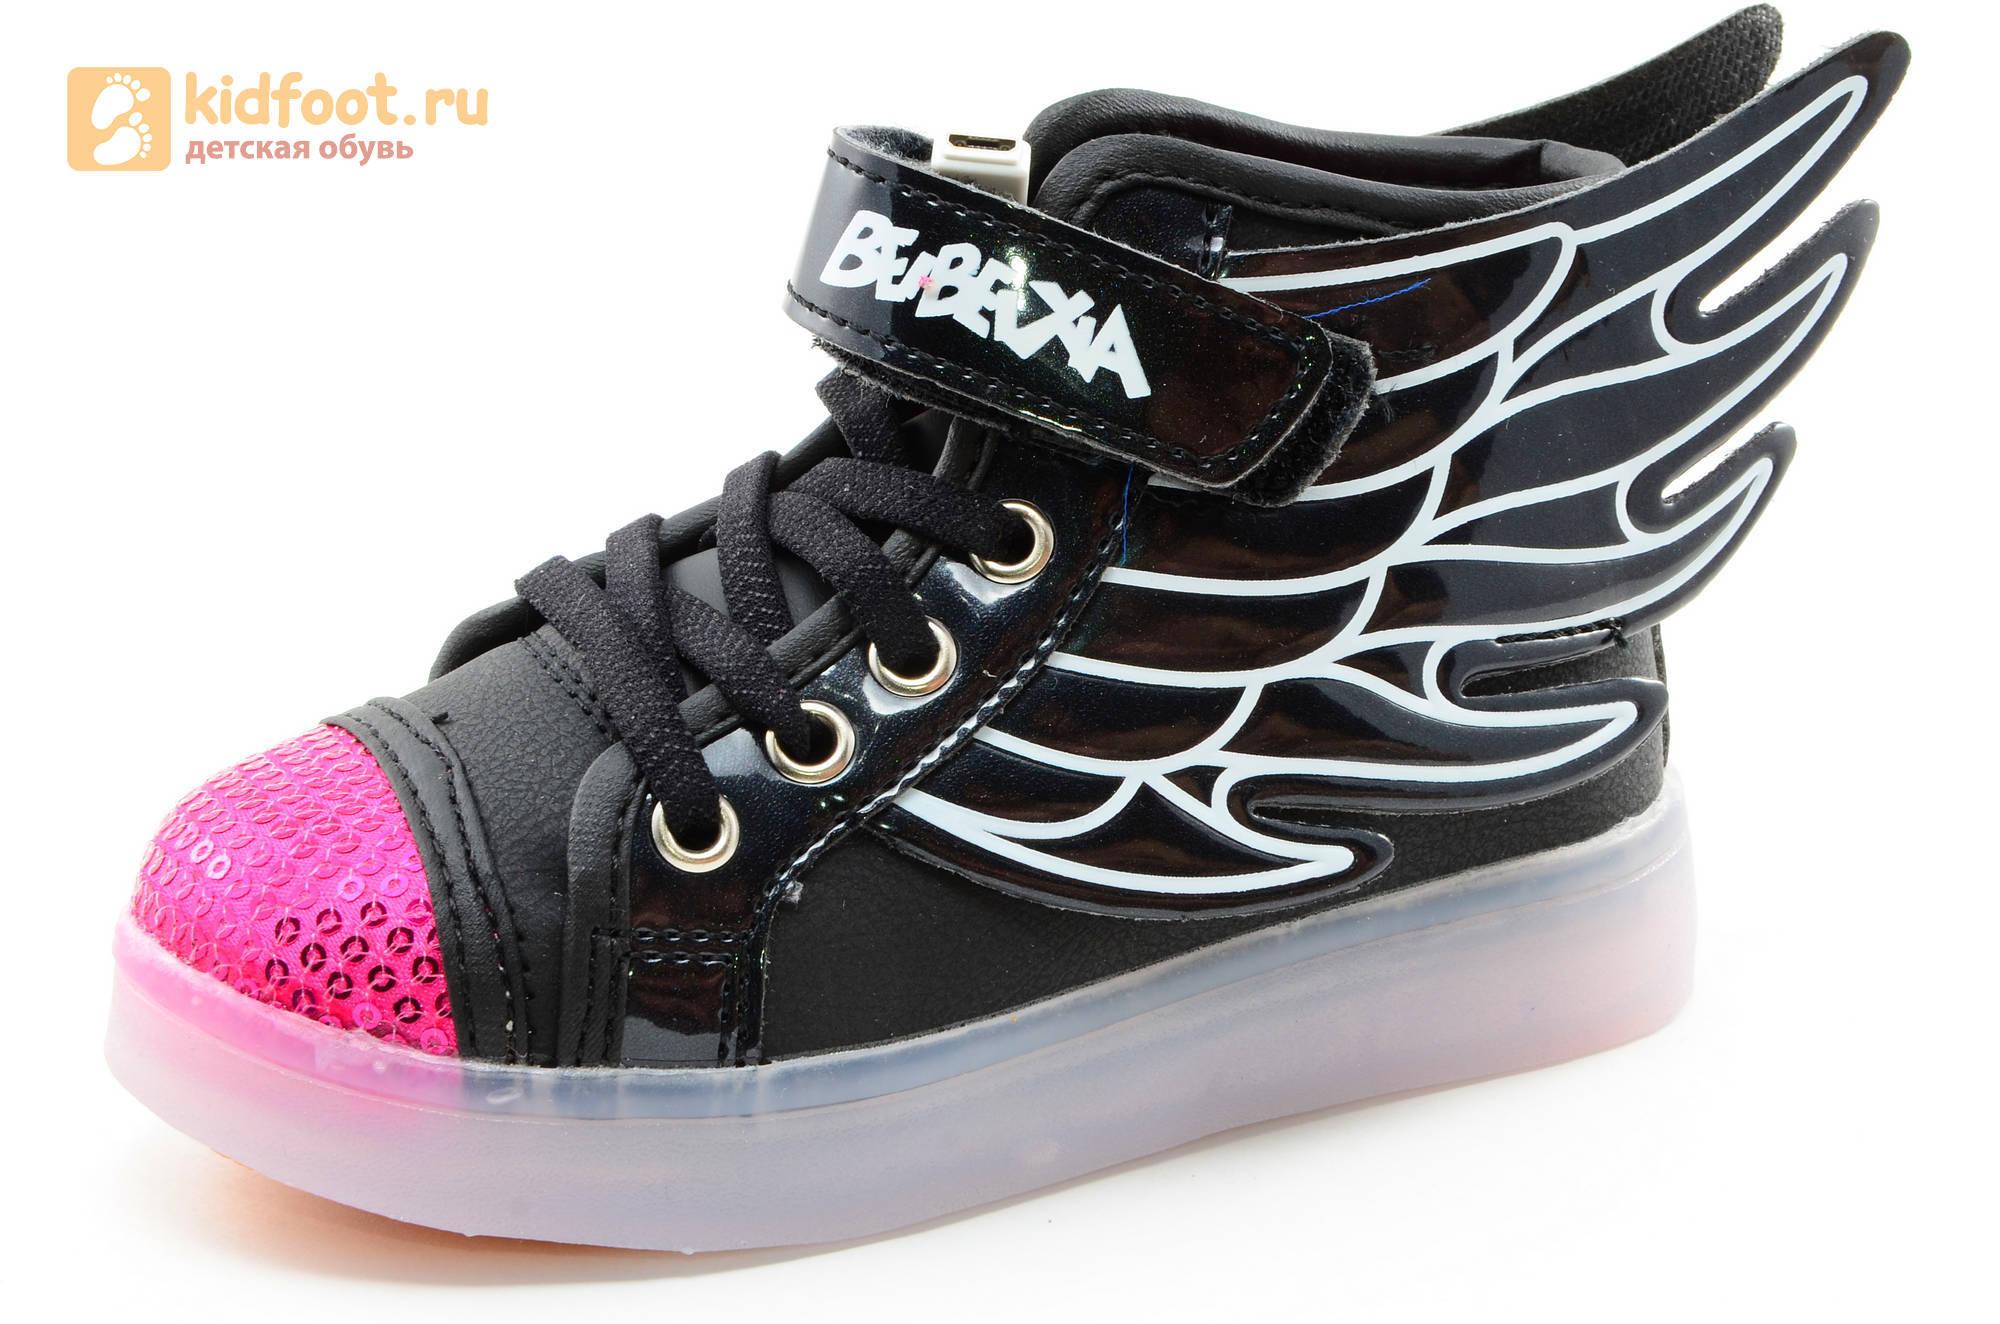 Светящиеся кроссовки с крыльями с USB зарядкой Бебексия (BEIBEIXIA), цвет черный розовый, светится вся подошва